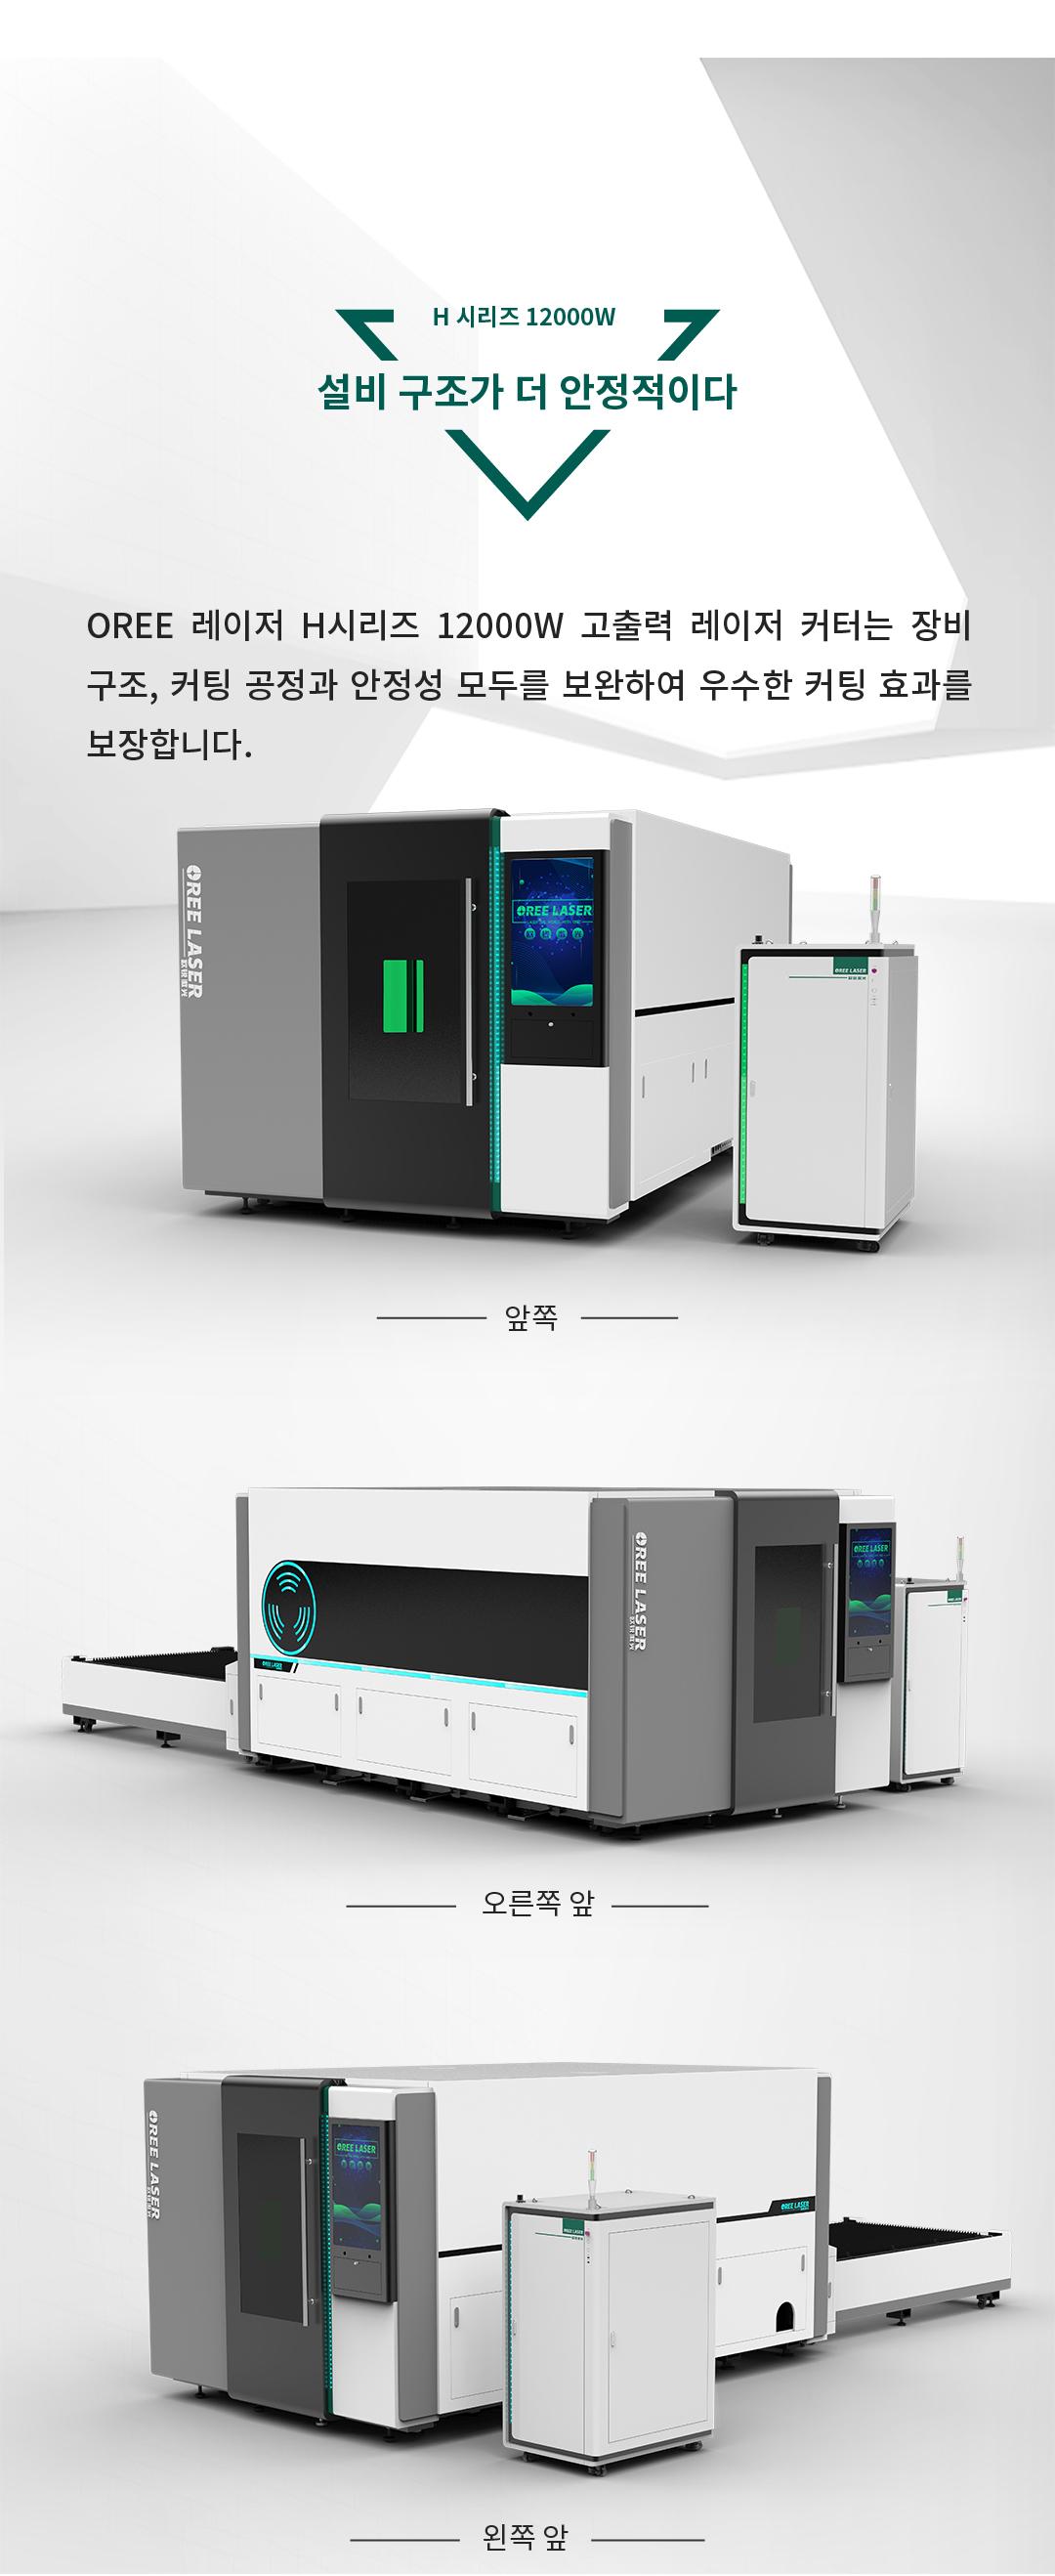 欧锐激光推出12000W高功率激光切割机韩语-01_04.jpg